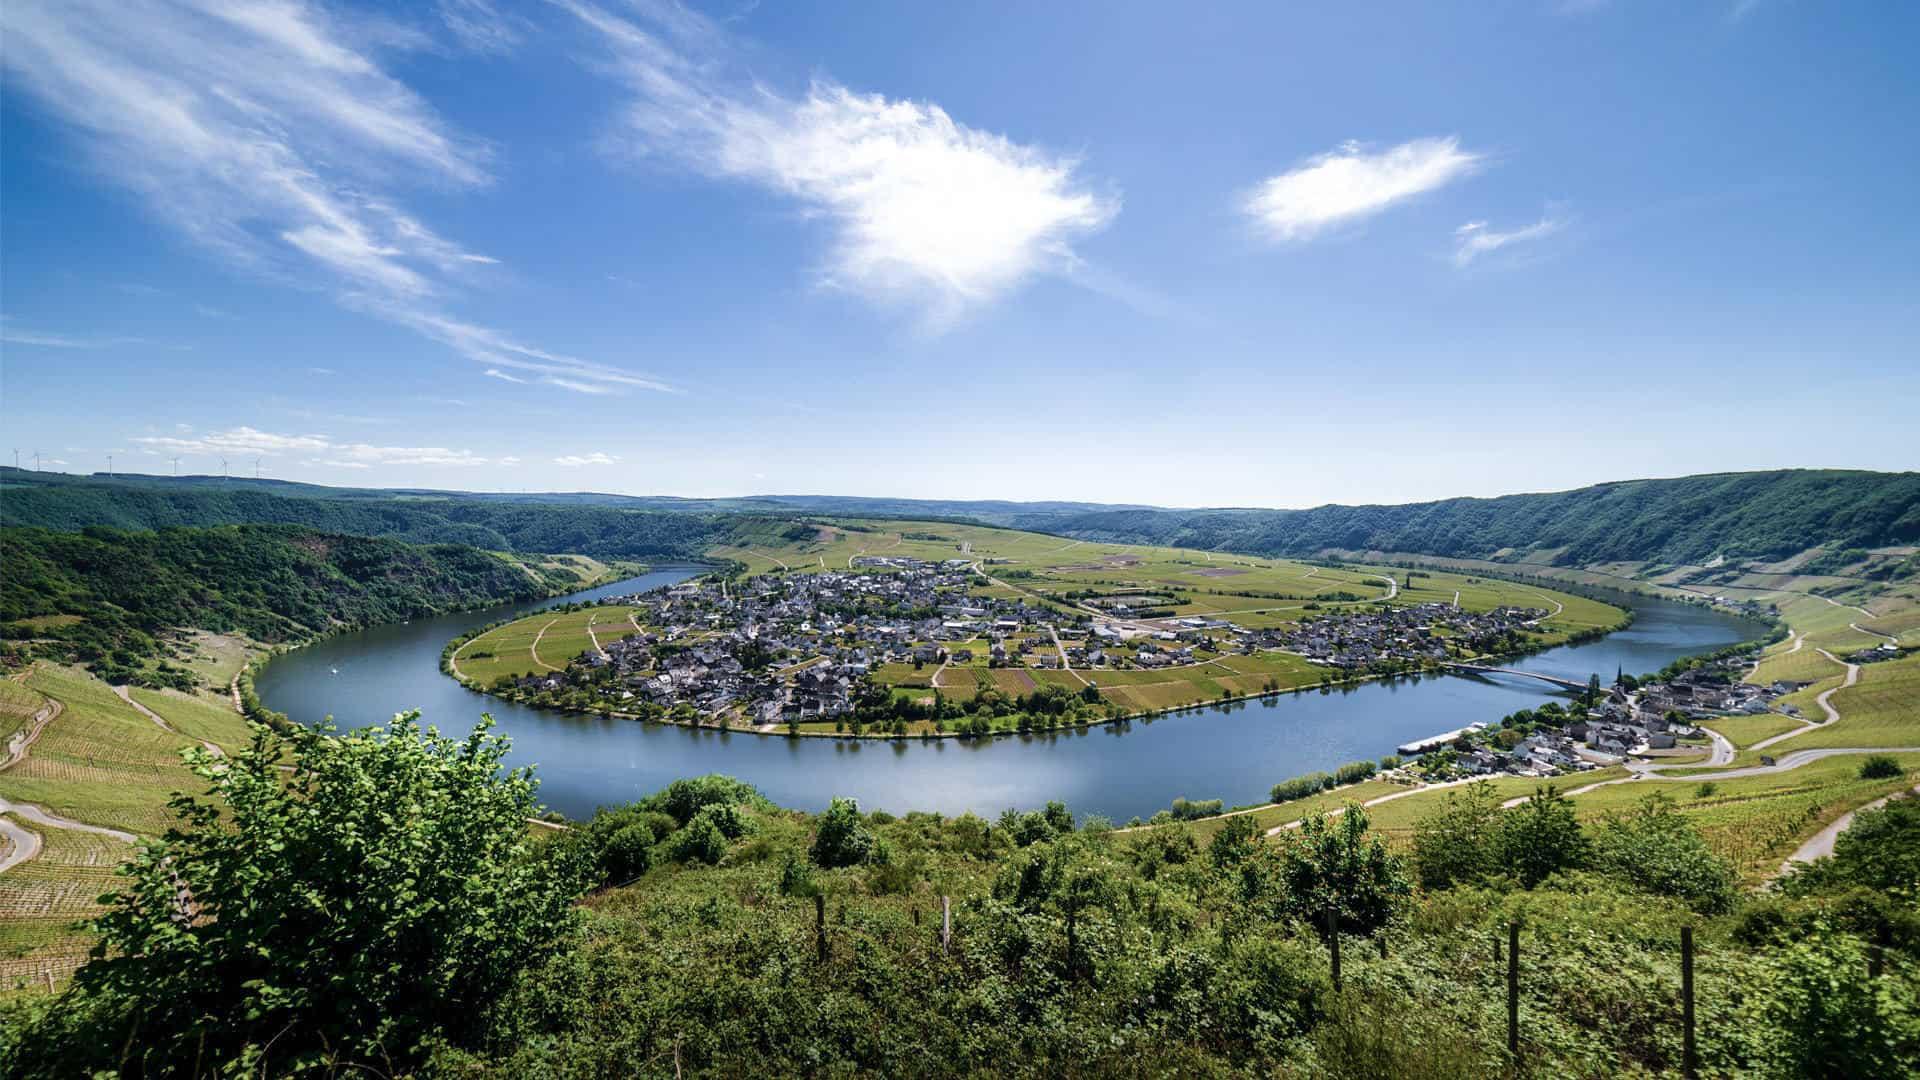 energieatlas-rheinlandpfalz-webdesign-werbeagentur-muenster